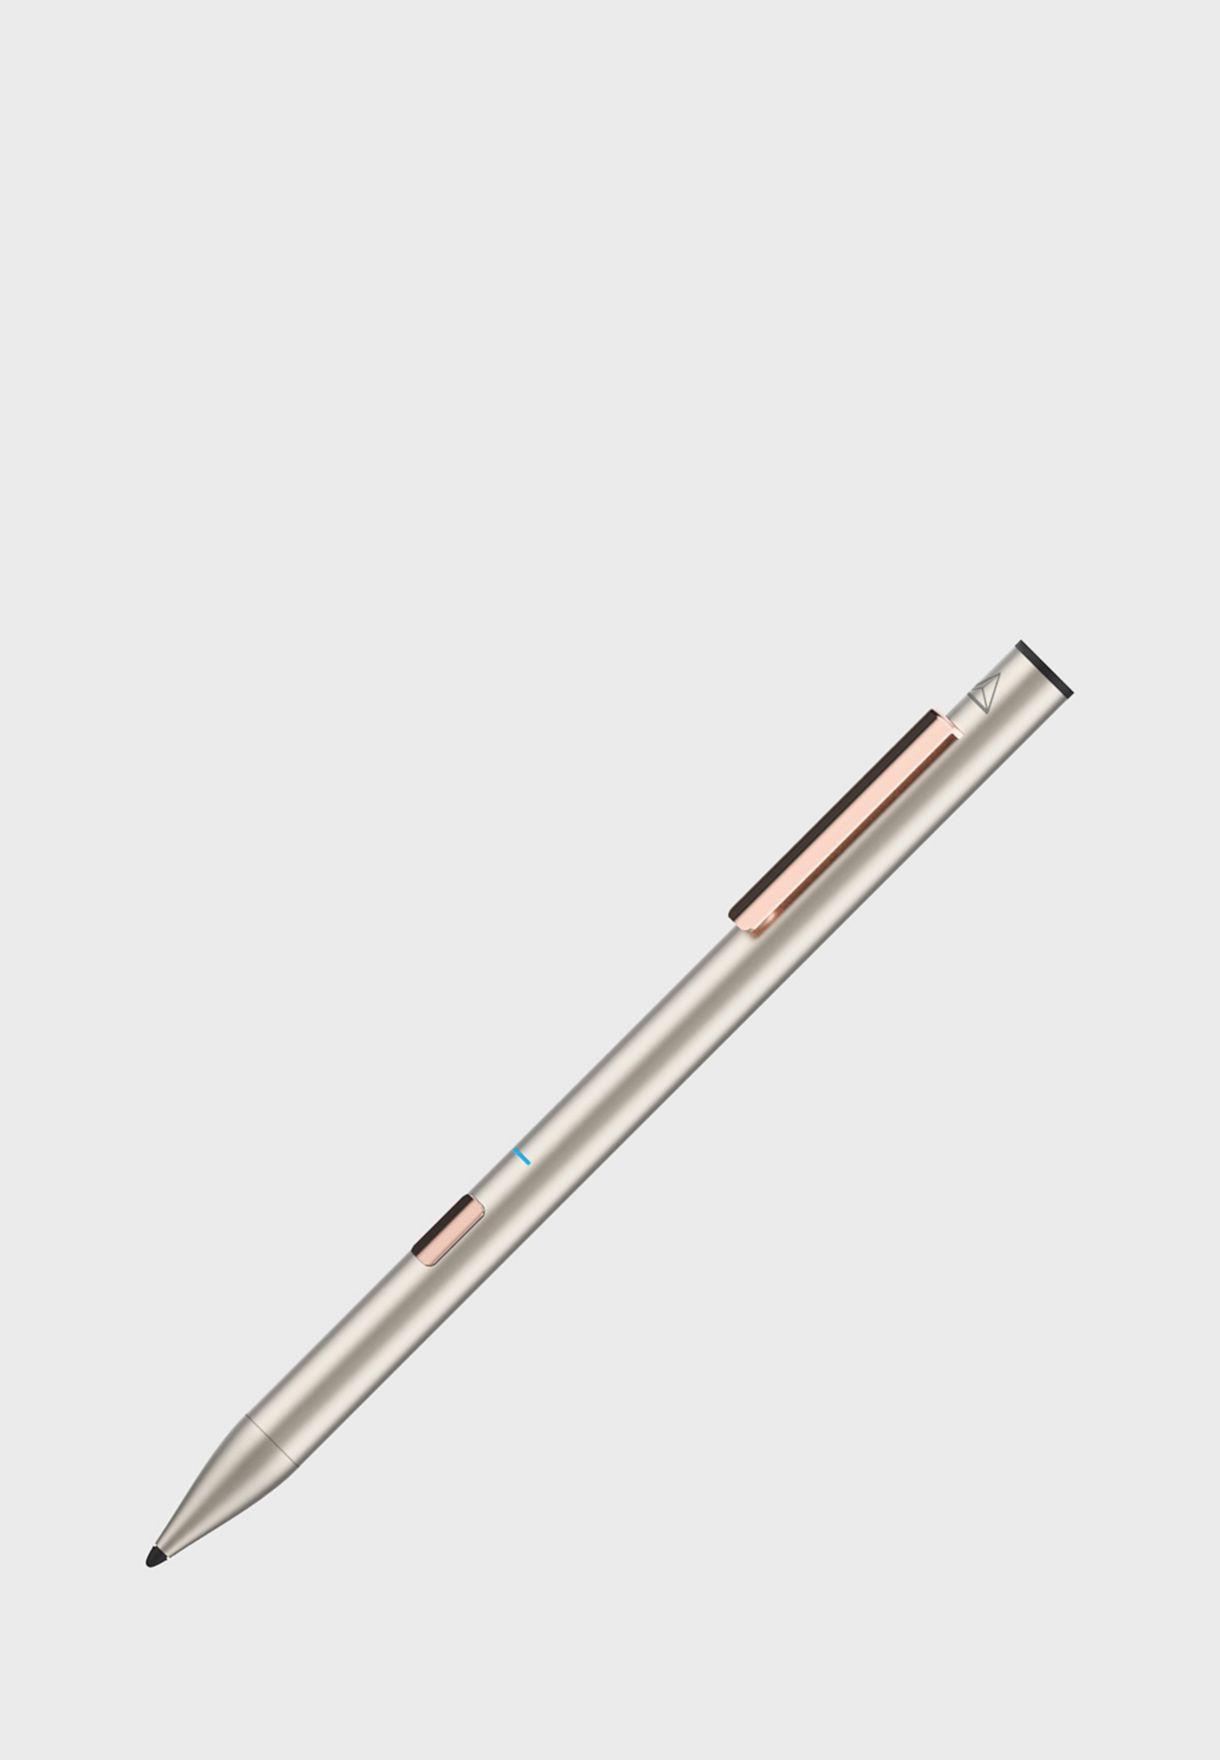 قلم ادونيت نوت - ذهبي